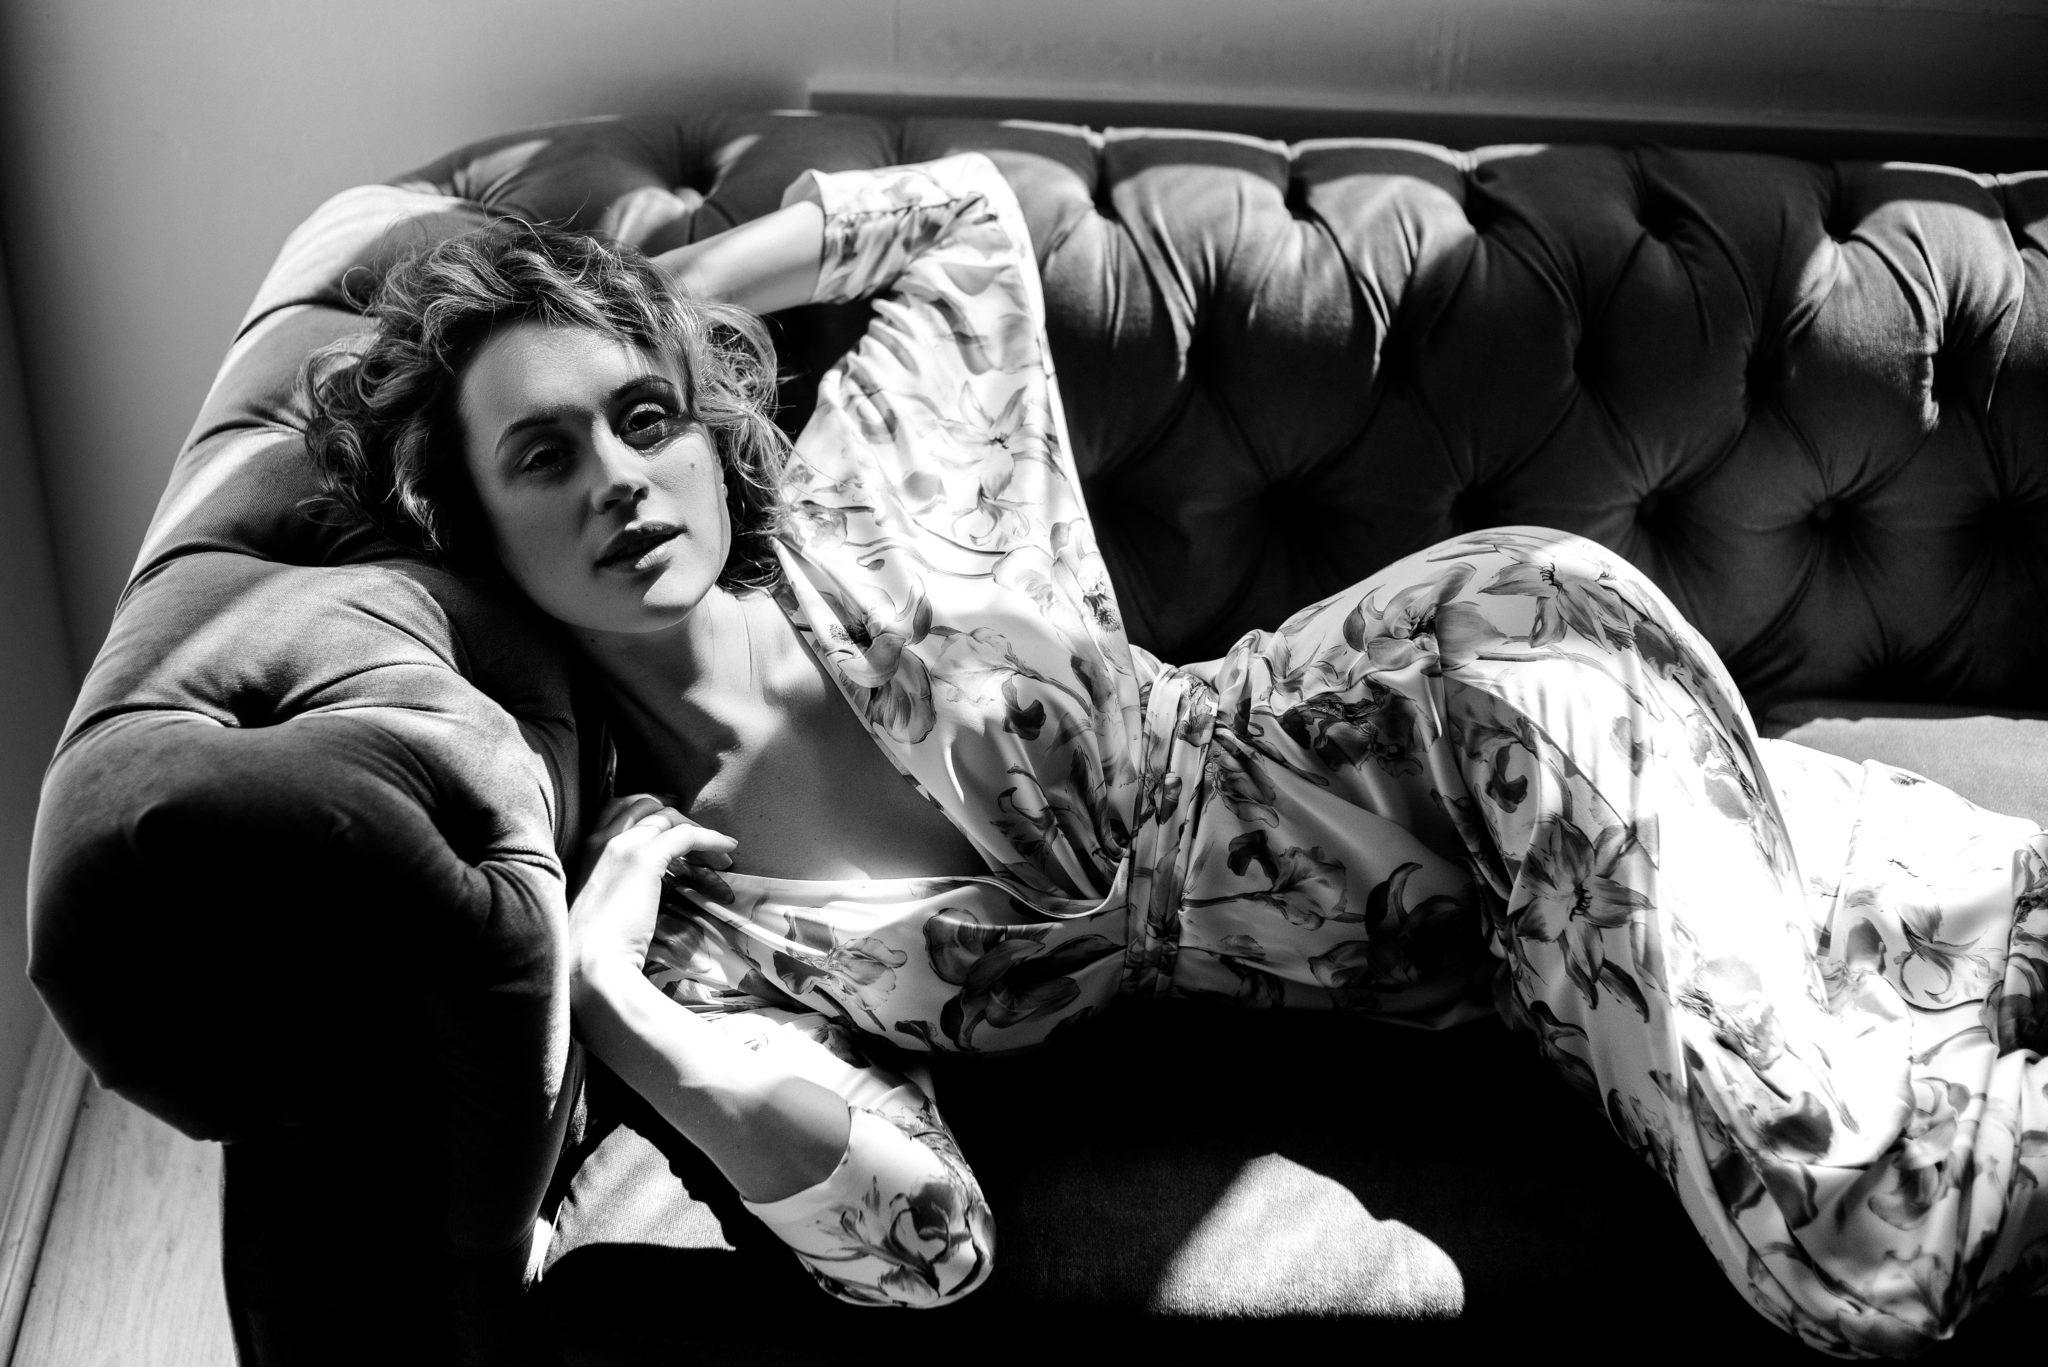 Фотосессия с визажем, девушка в платье лежит на диване, чб фото. ph Постникова